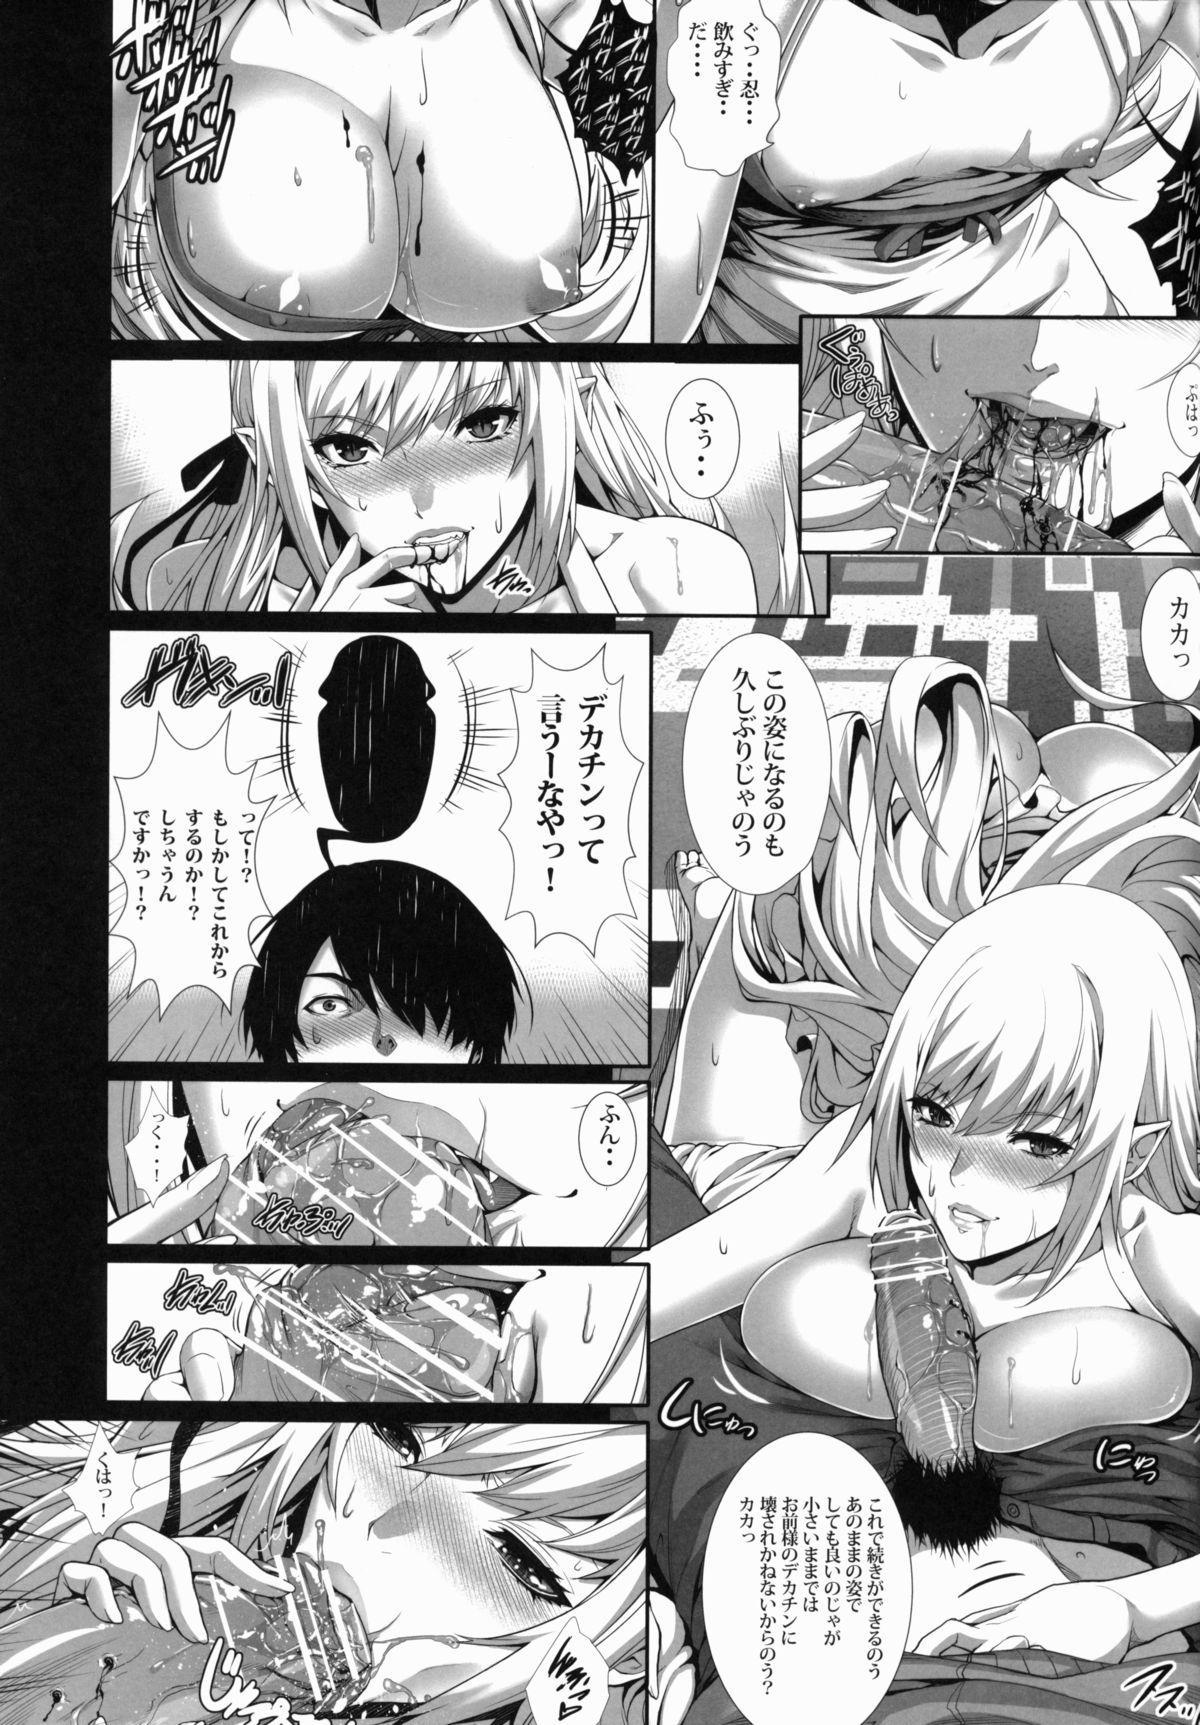 Kyuuketsuki no Kyuuketsu Koui 6